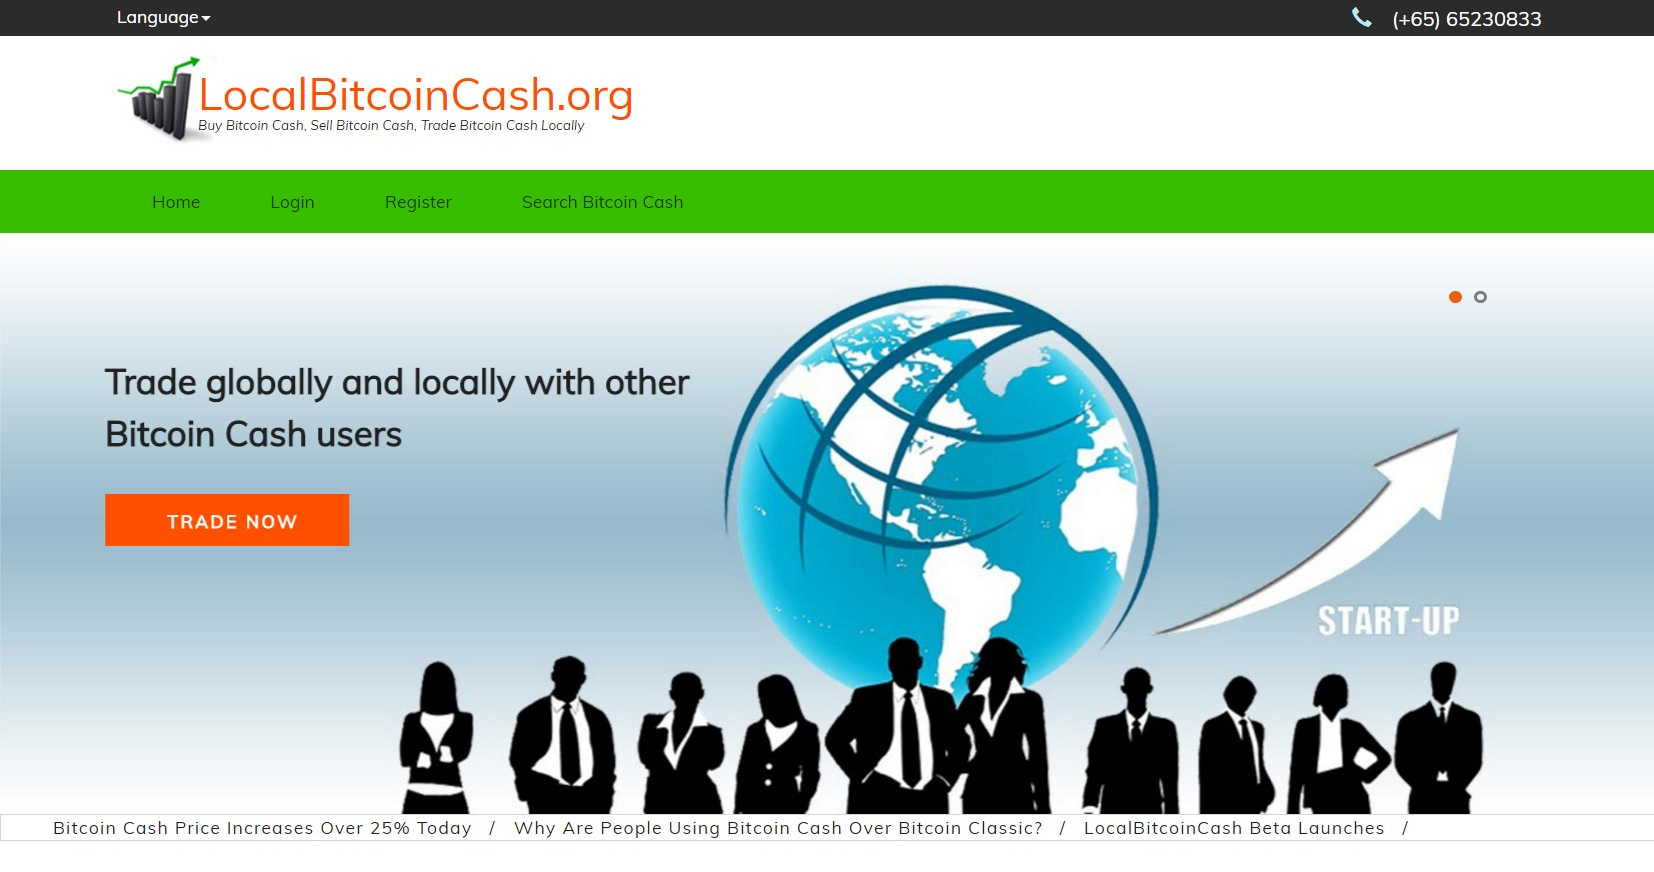 آشنایی با صرافی جدید بیت کوین کش نظیر به نظیر (P2P) به نام Localbitcoincash.org